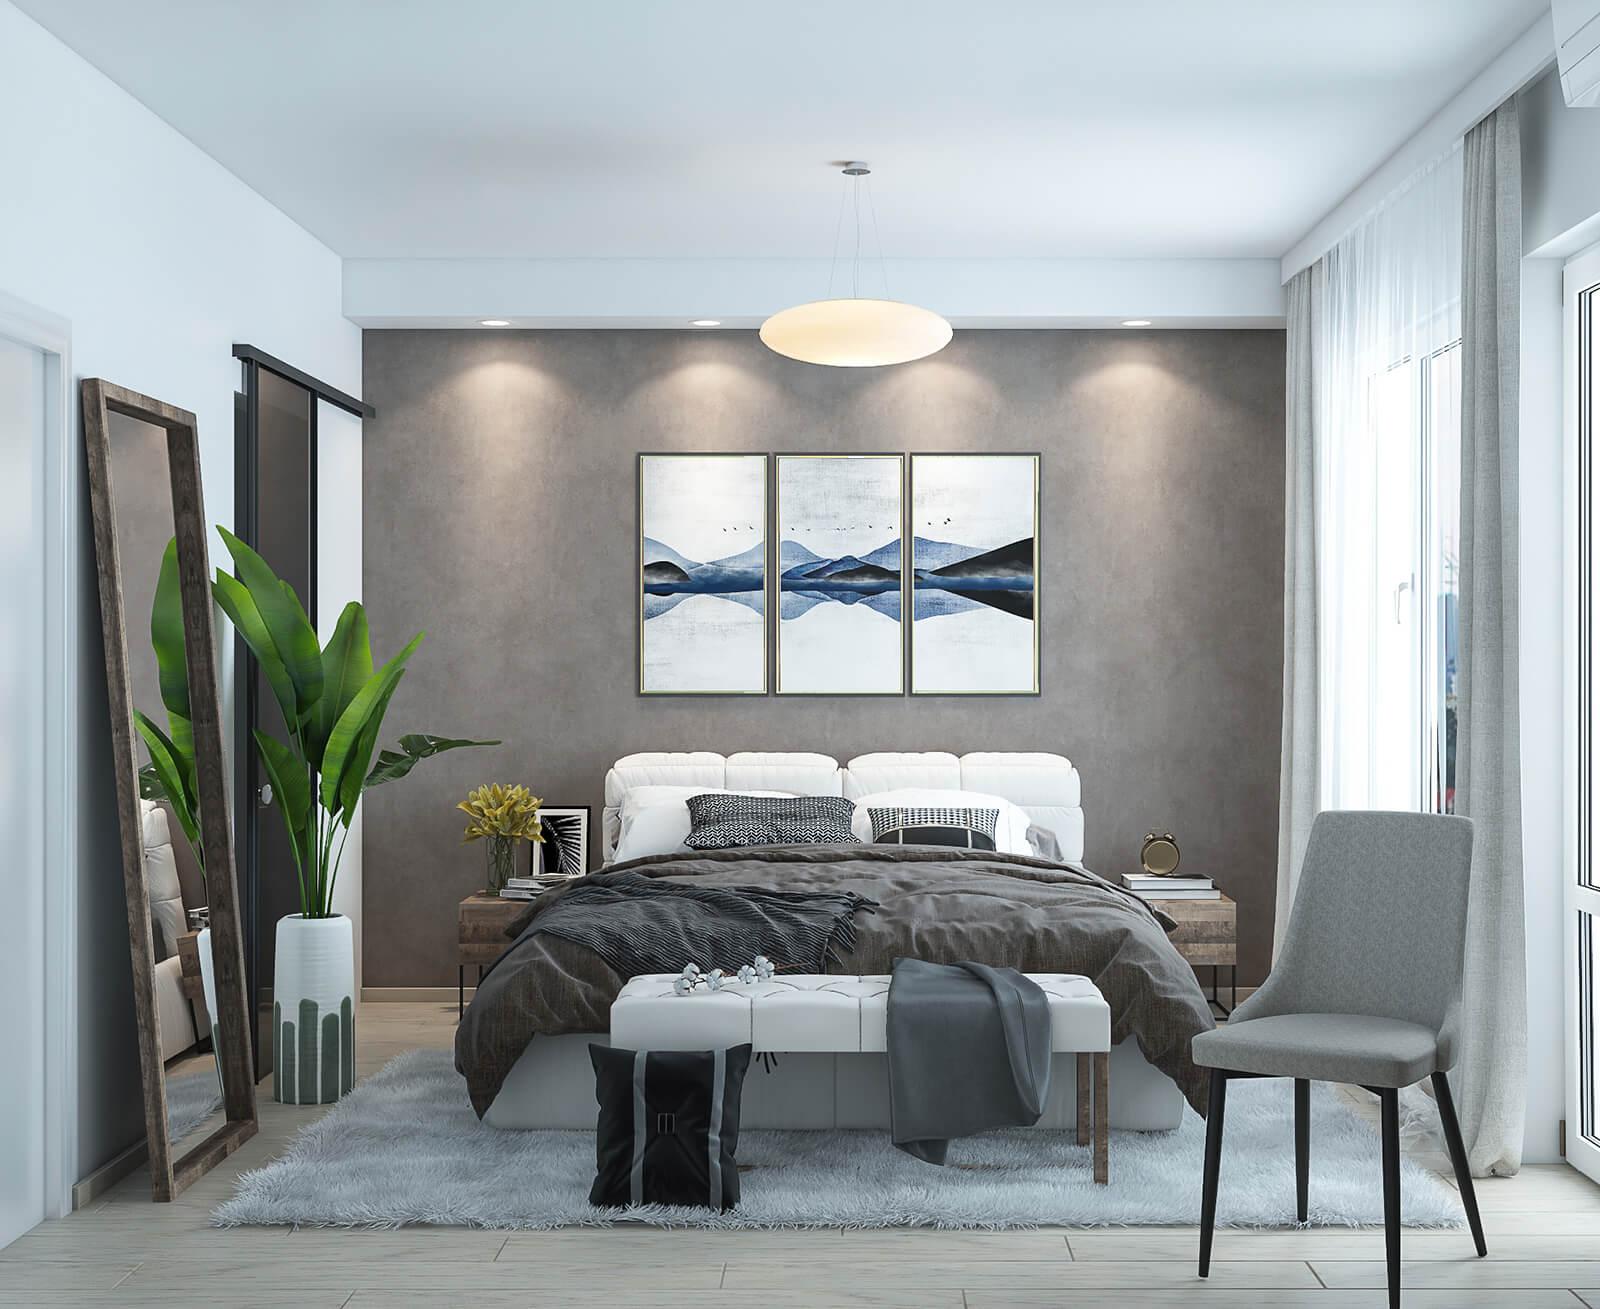 interioren-dizain-proekt-na-spalnya-albedo-et-III